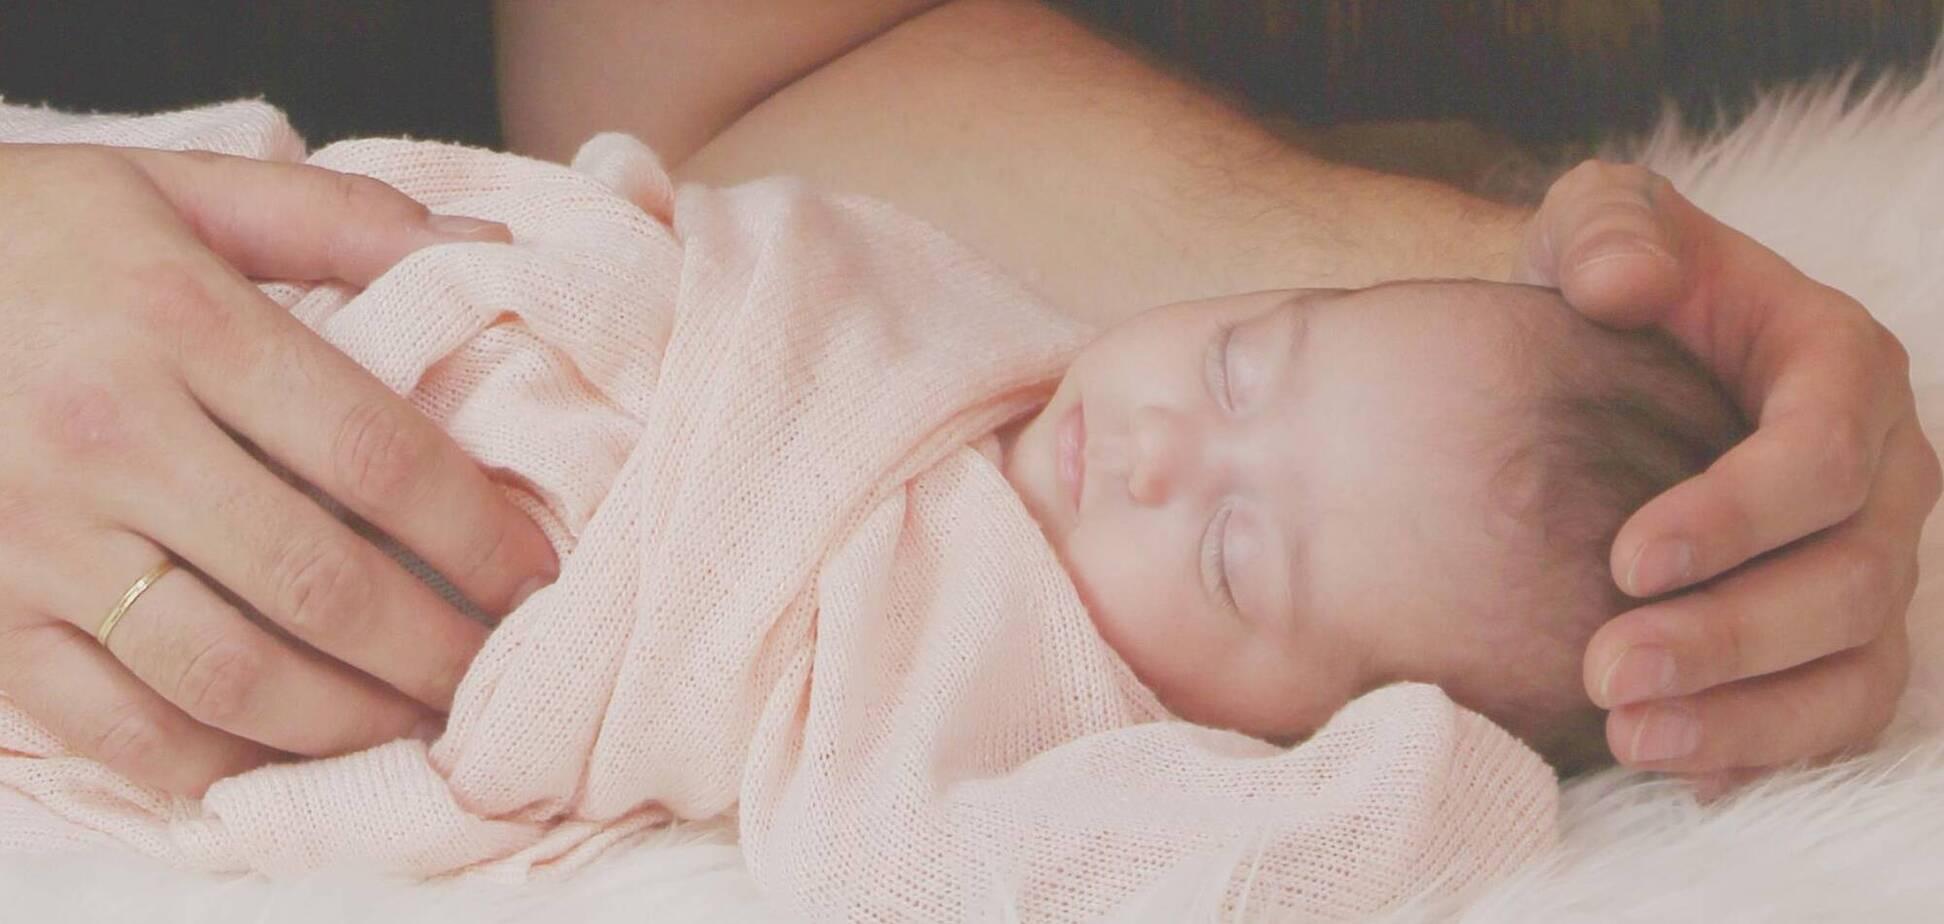 Шум може шкодити розвитку плода під час вагітності